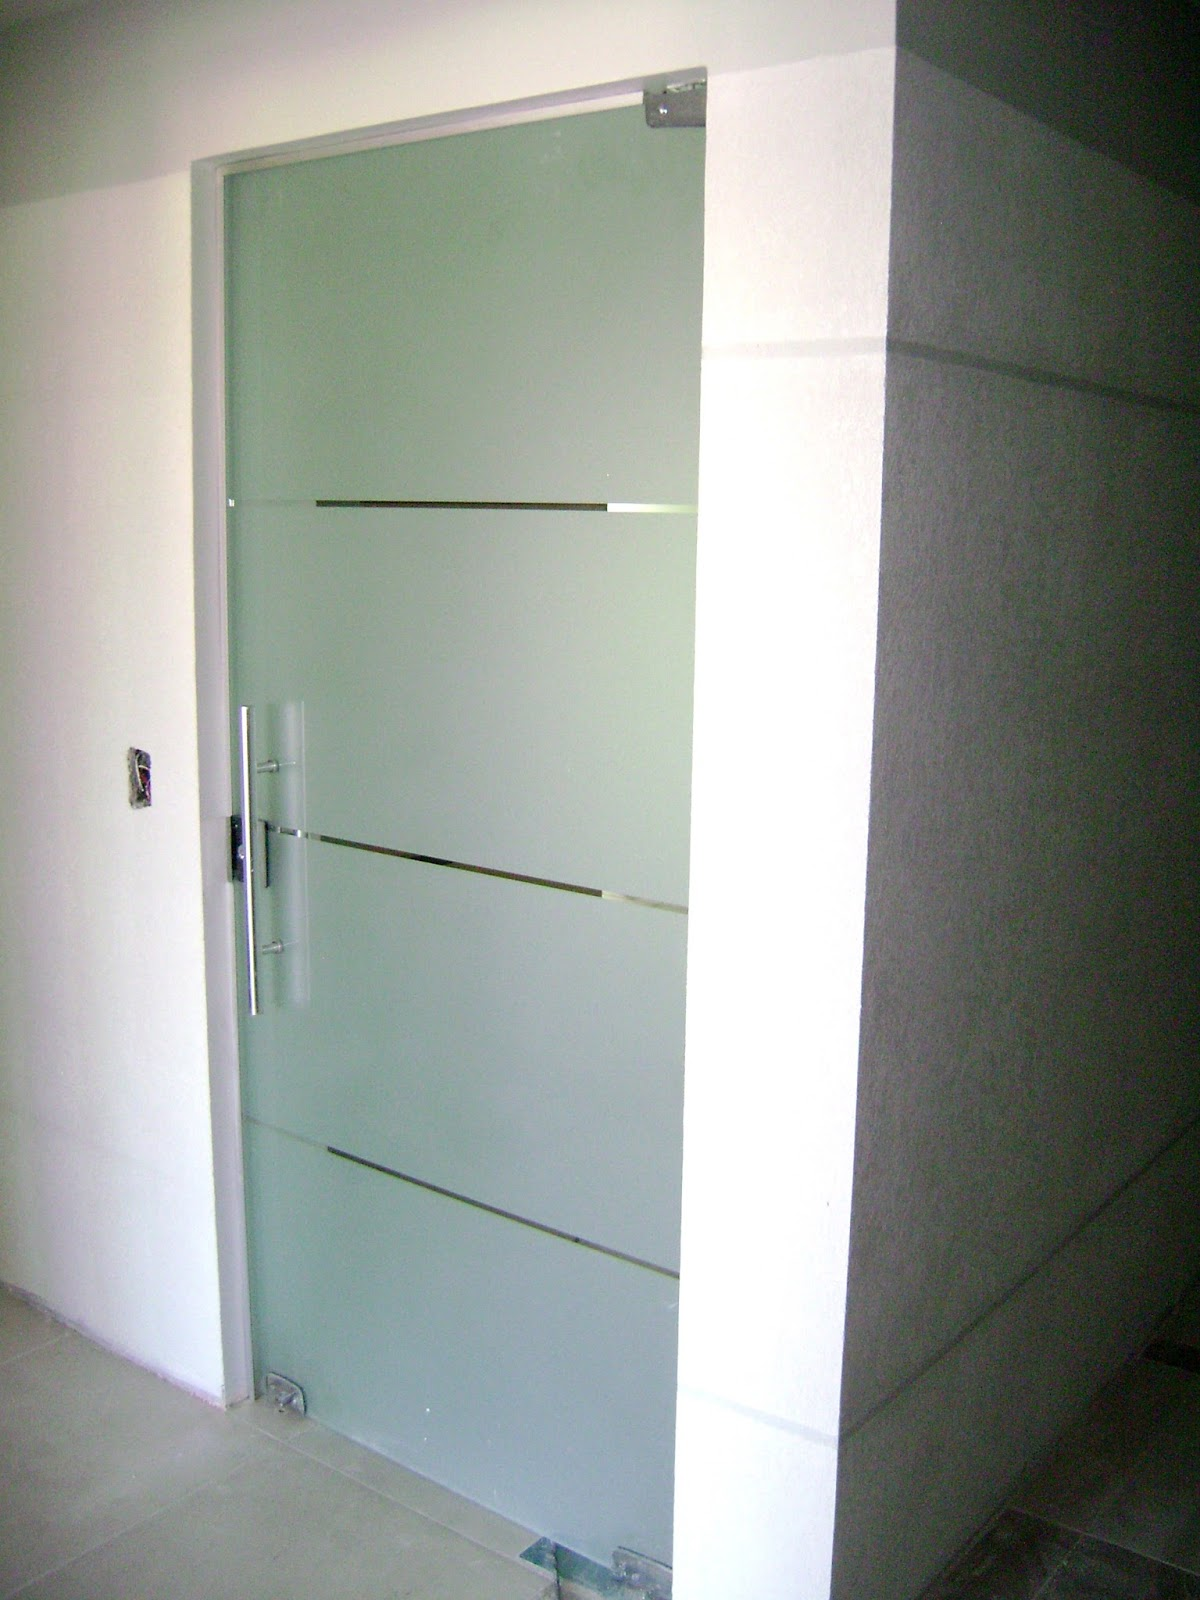 MULTIBOX VIDROS TEMPERADOS (54) 3228 60 57: Porta em vidro temperado  #576874 1200 1600